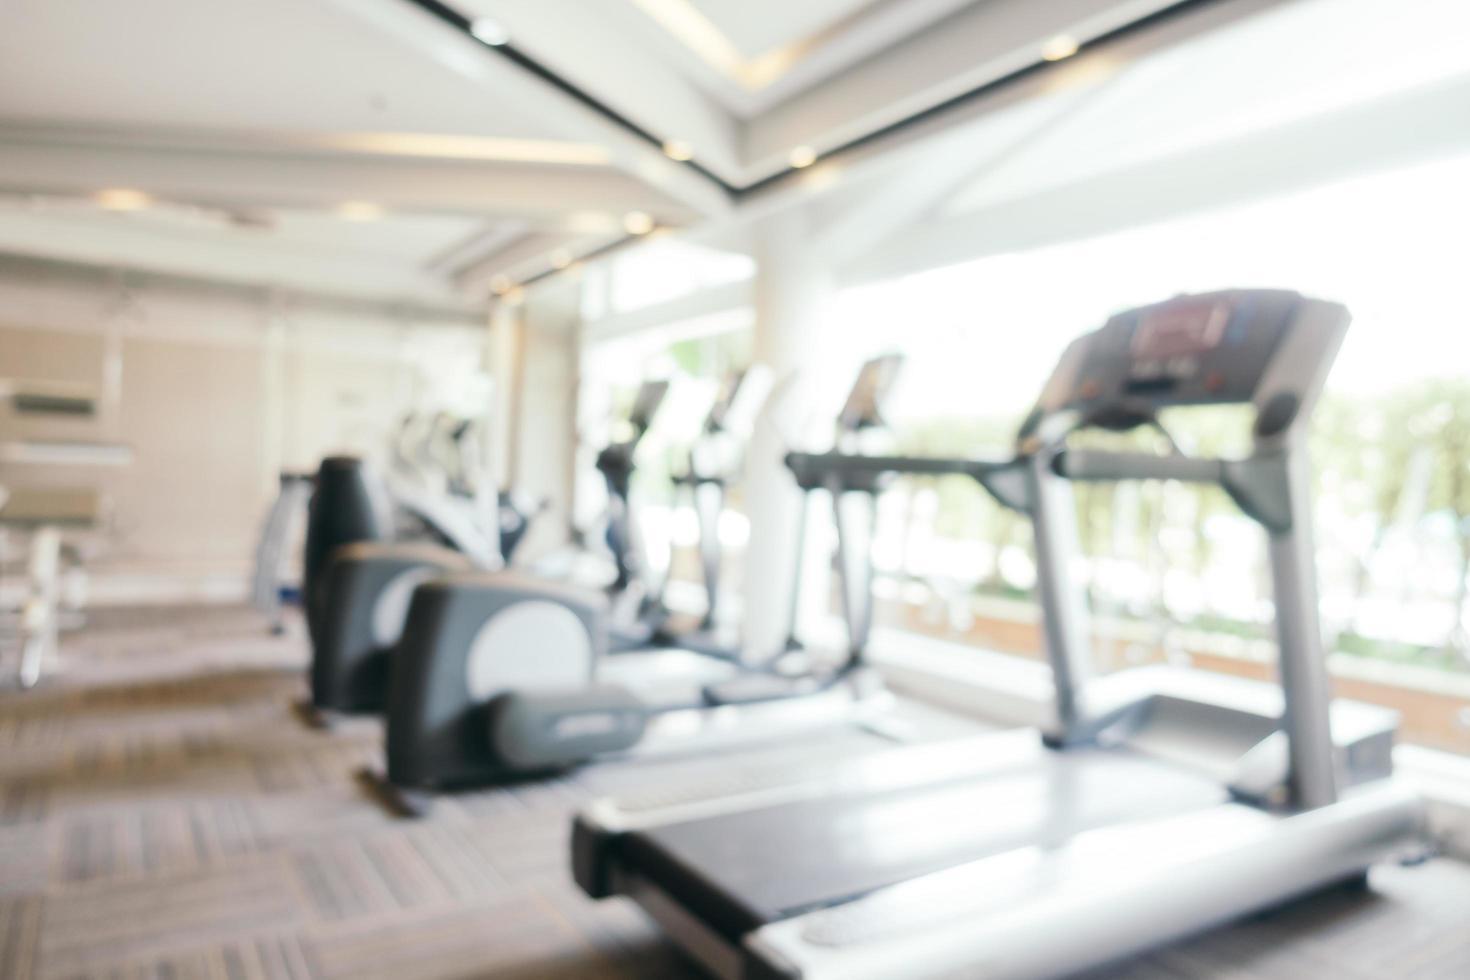 équipement de fitness flou abstrait et défocalisé photo